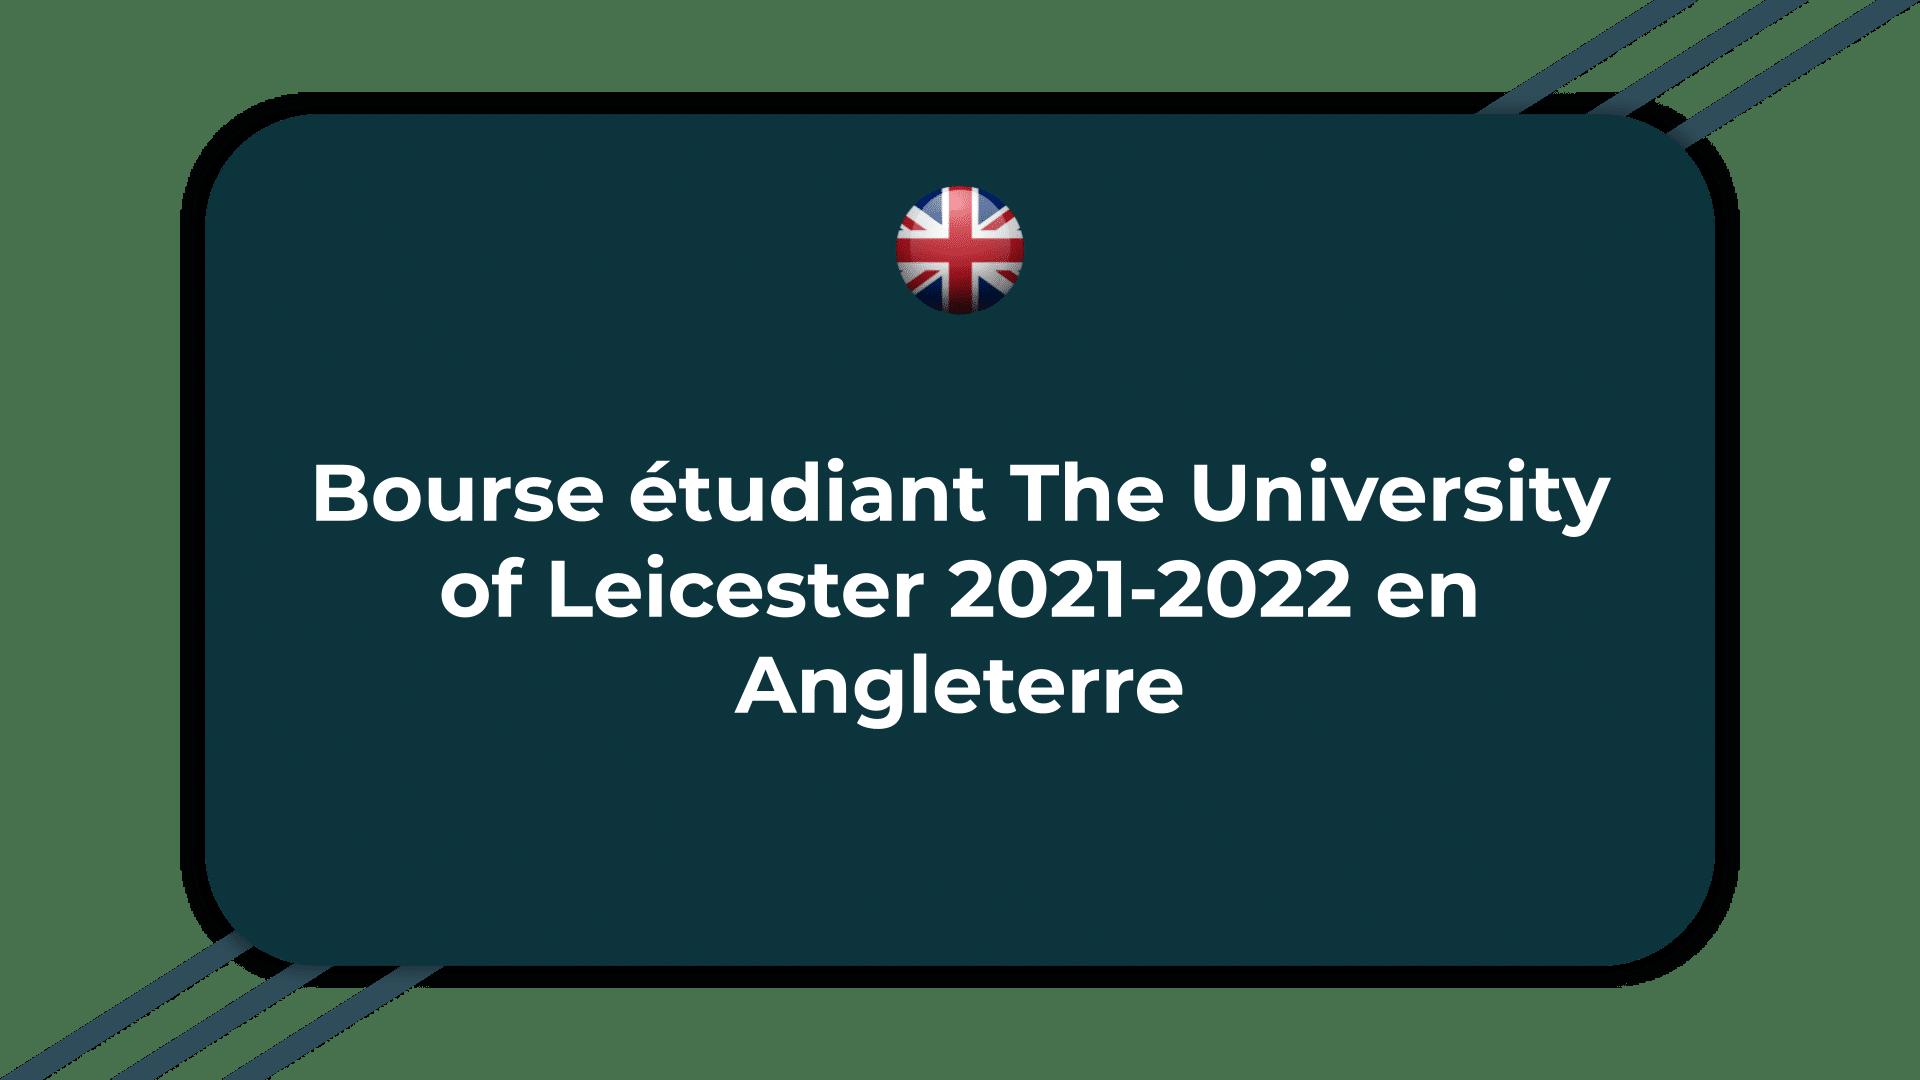 Bourse étudiant The University of Leicester